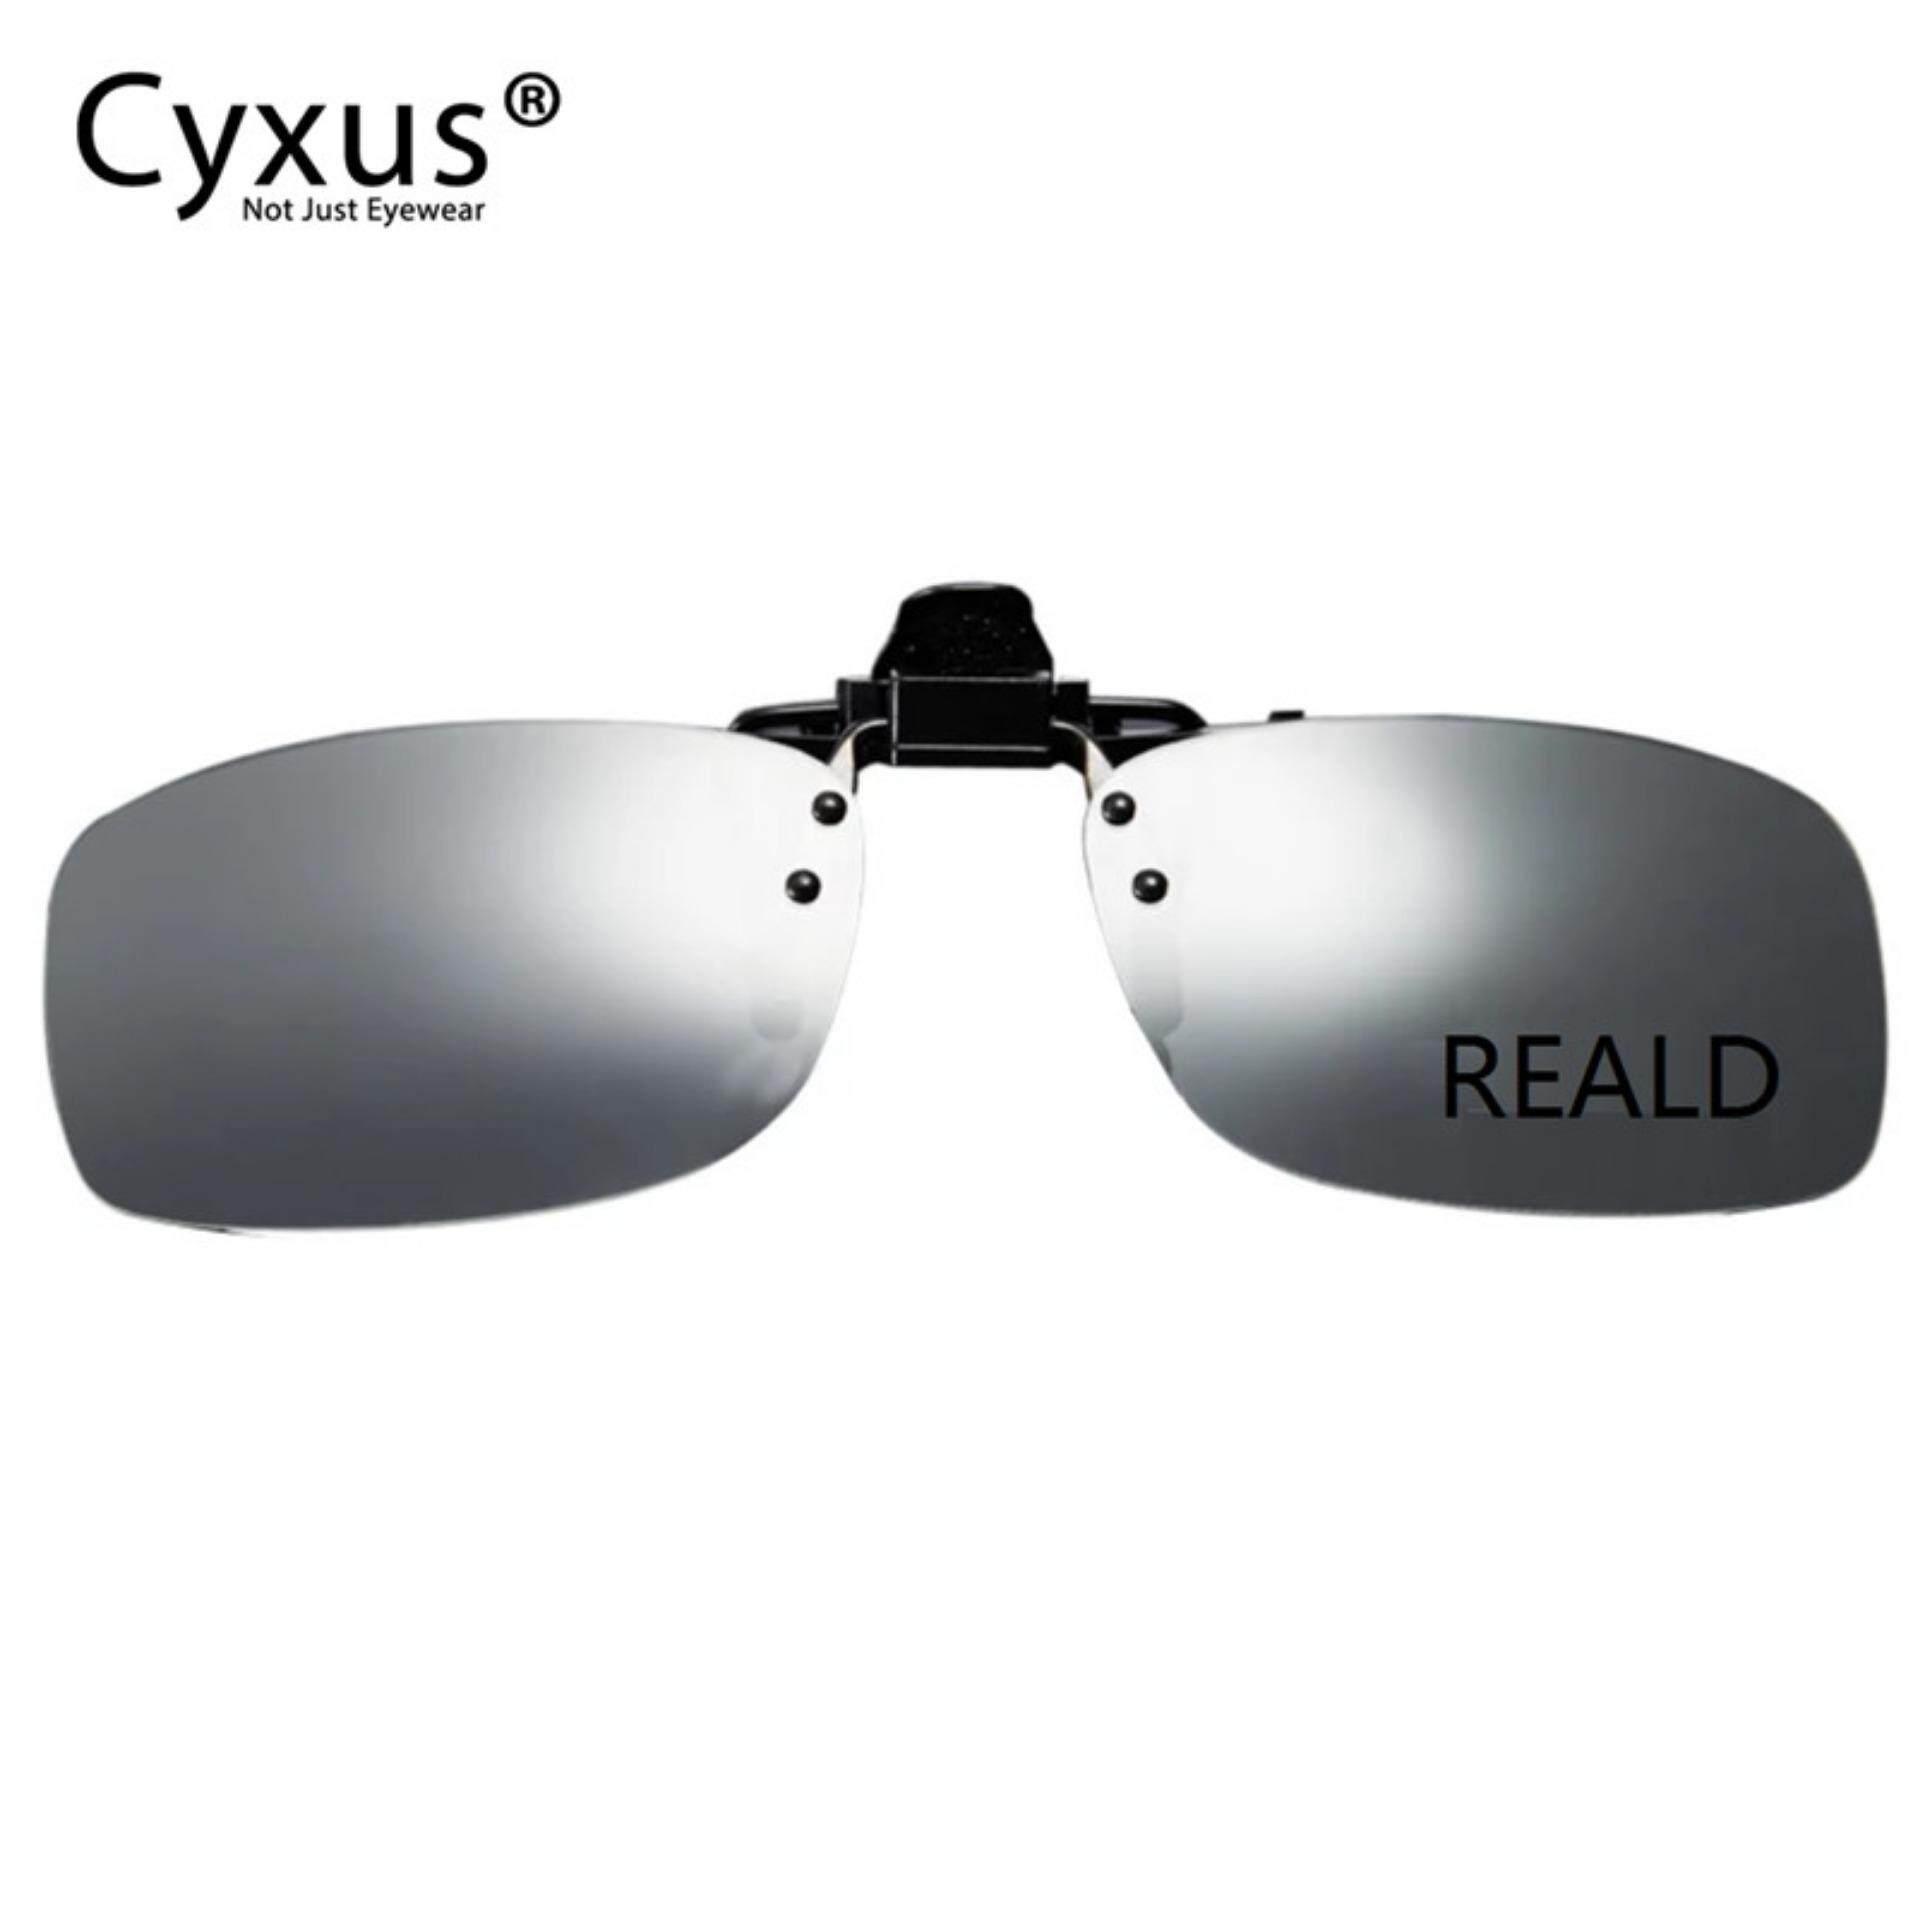 Cyxus Clip-On 3d Reald แว่นตามีความละเอียดสูงเพิ่มความคมชัด